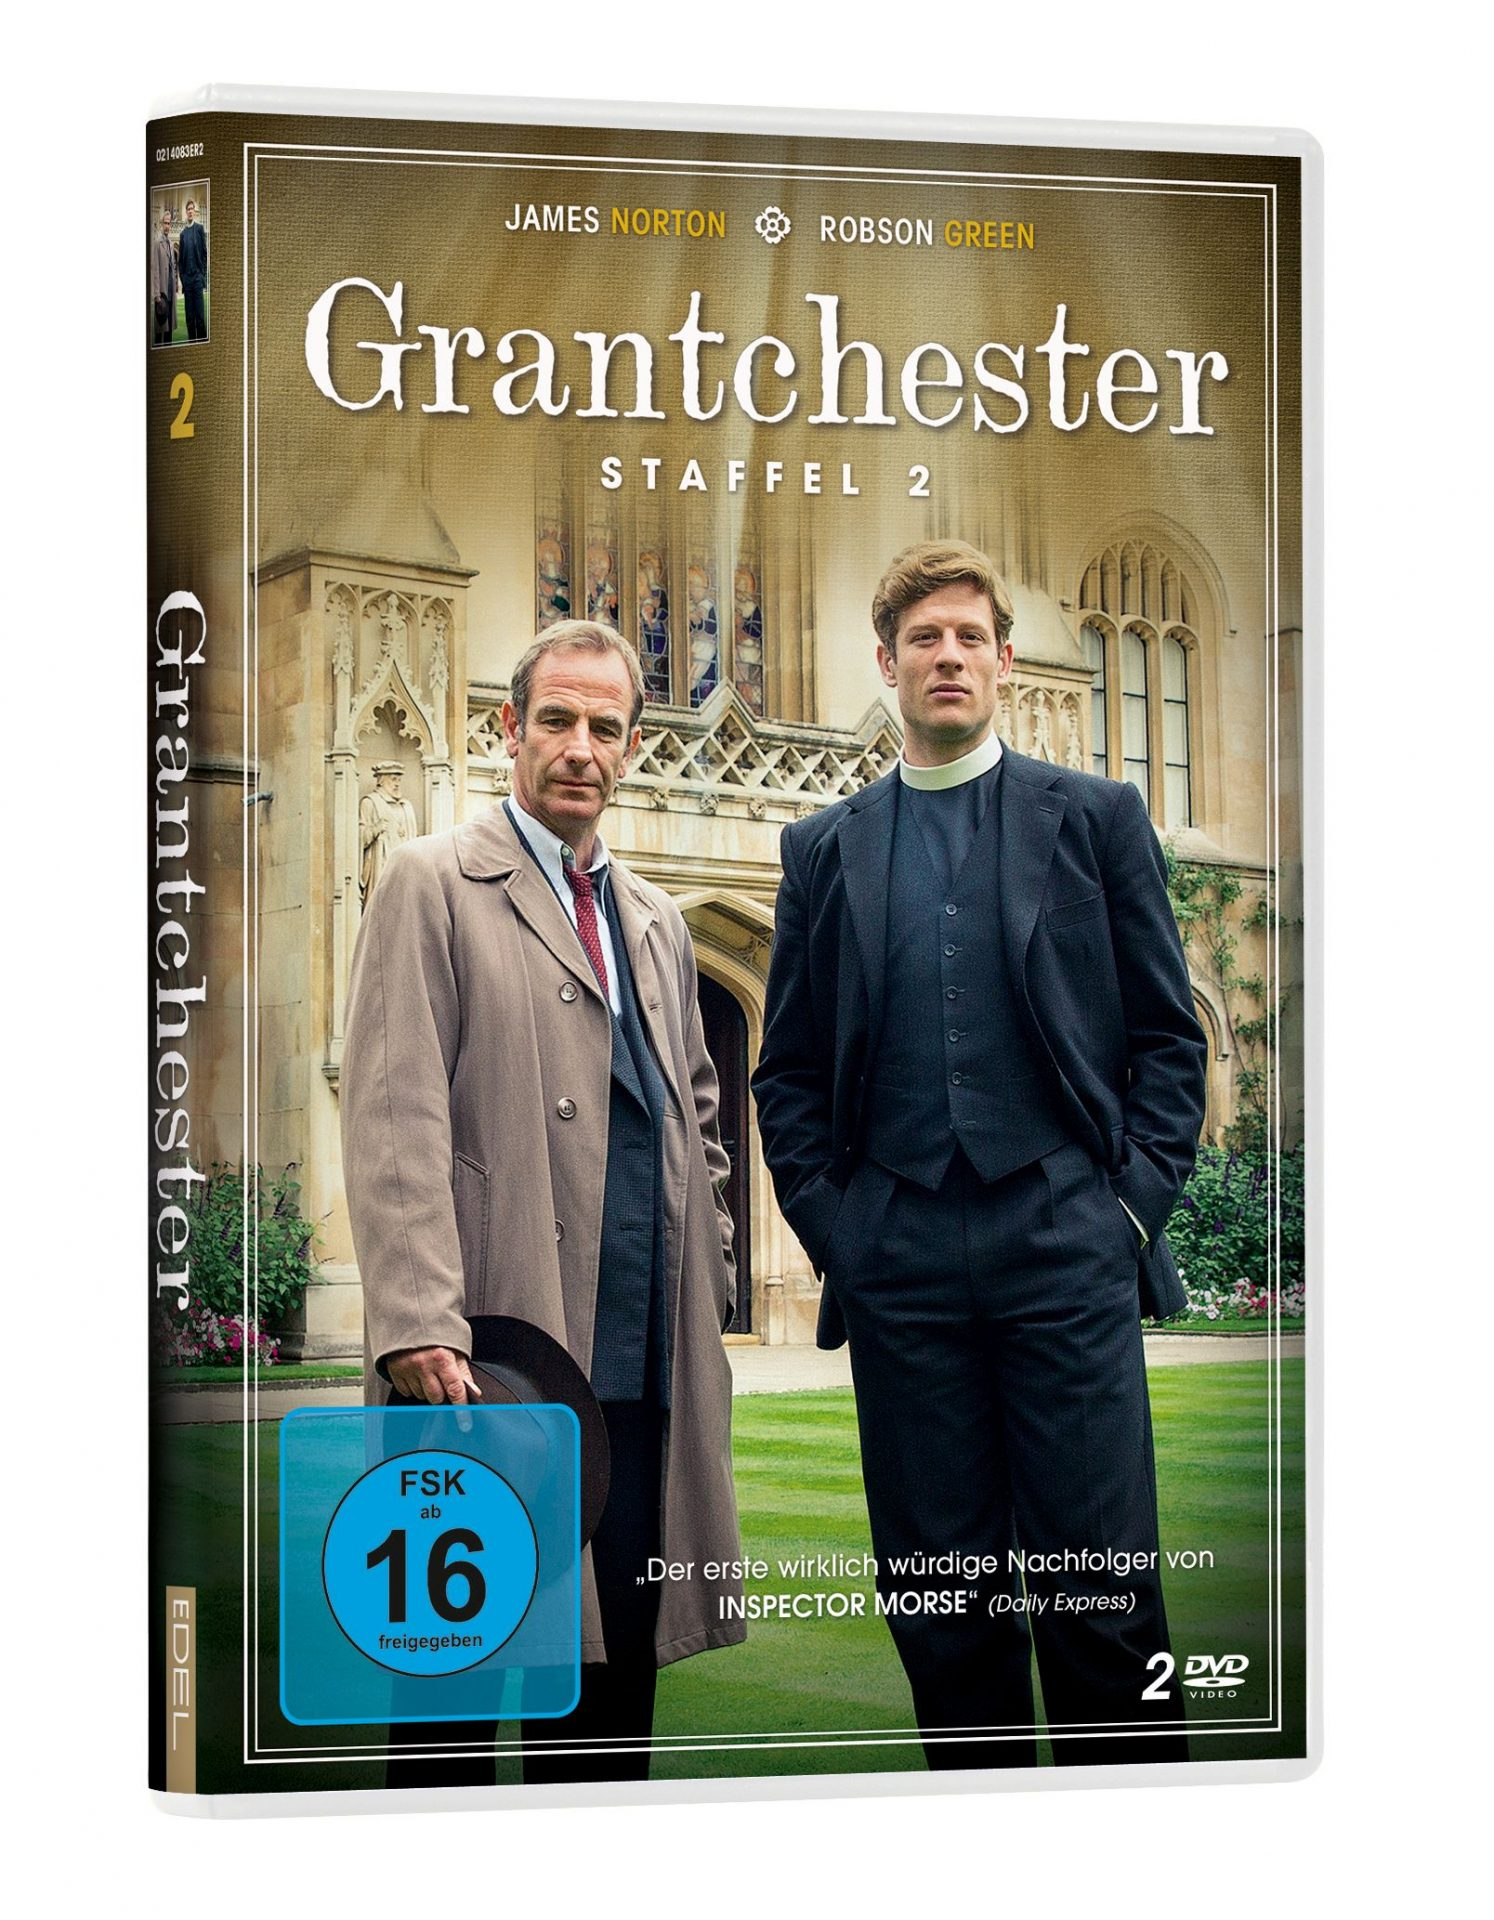 Grantchester, 2. Staffel – englische Retro-Krimiserie nach den Grantchester Mysteries von James Runcie